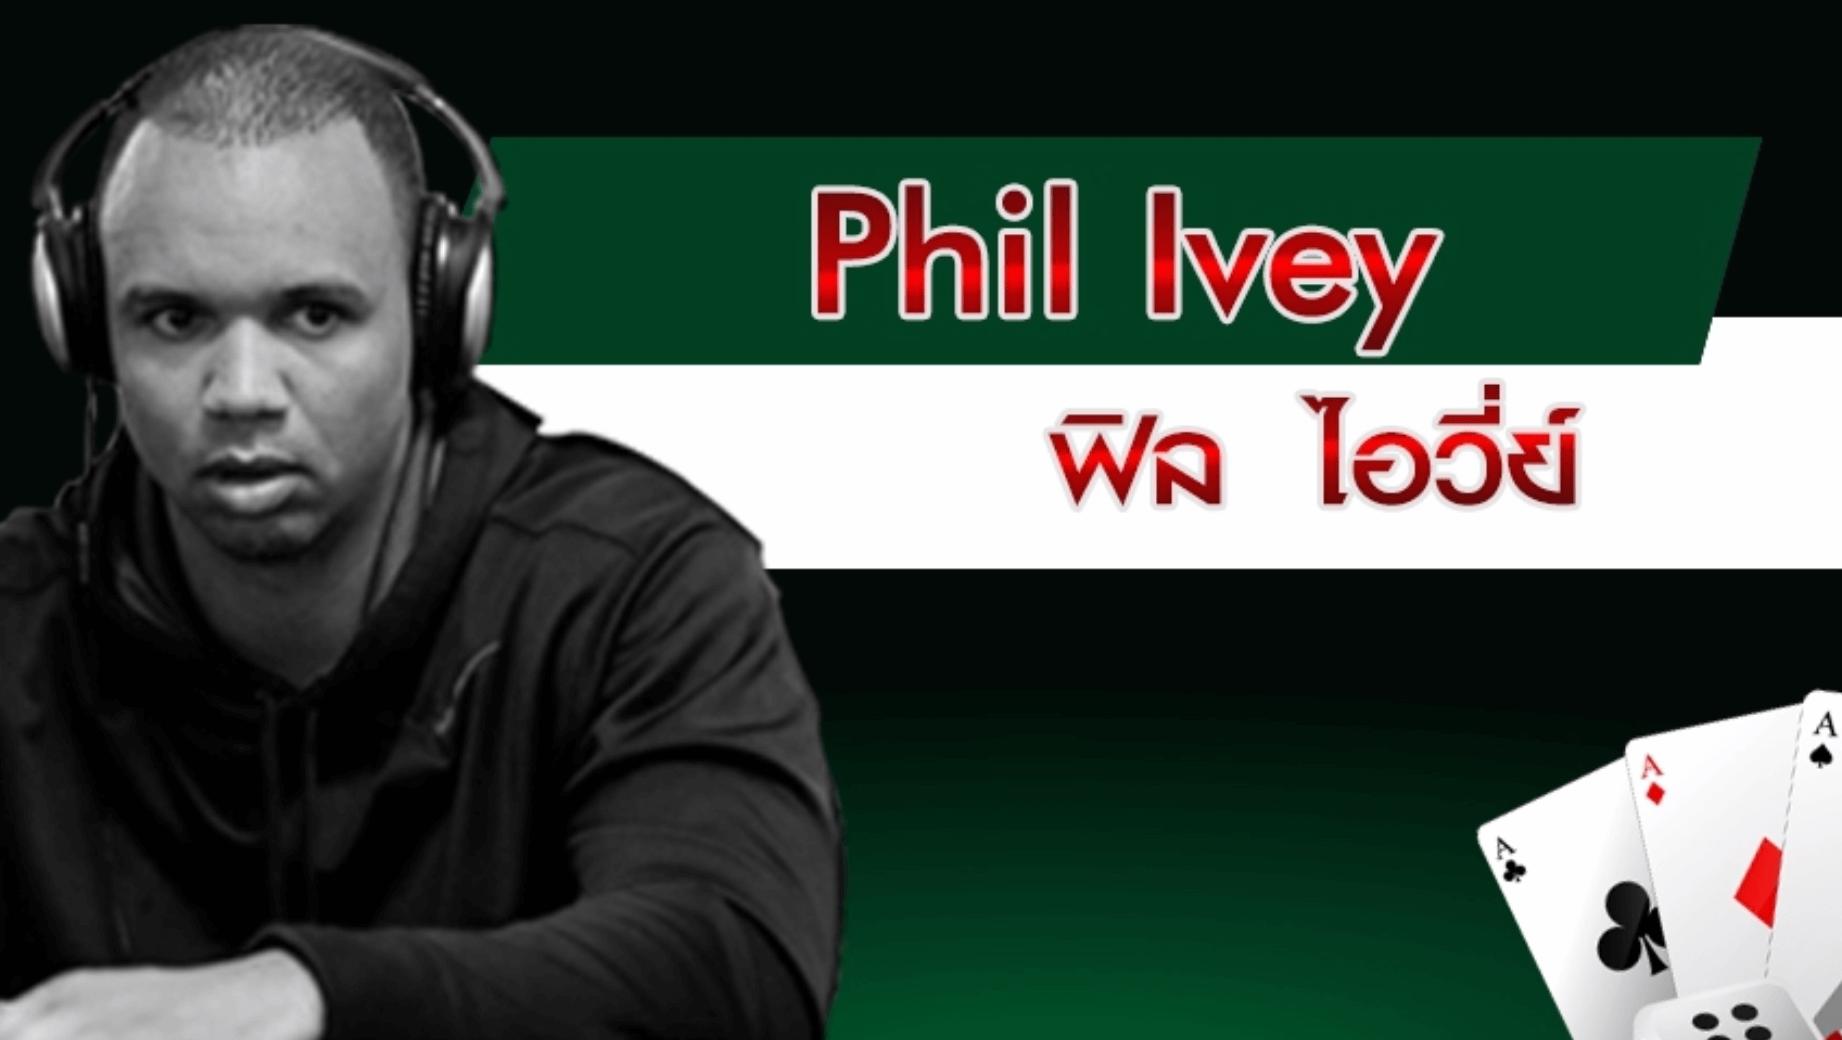 เซียนบาคาร่า ฟิล  ไอวี่ย์ (Phil Ivey)